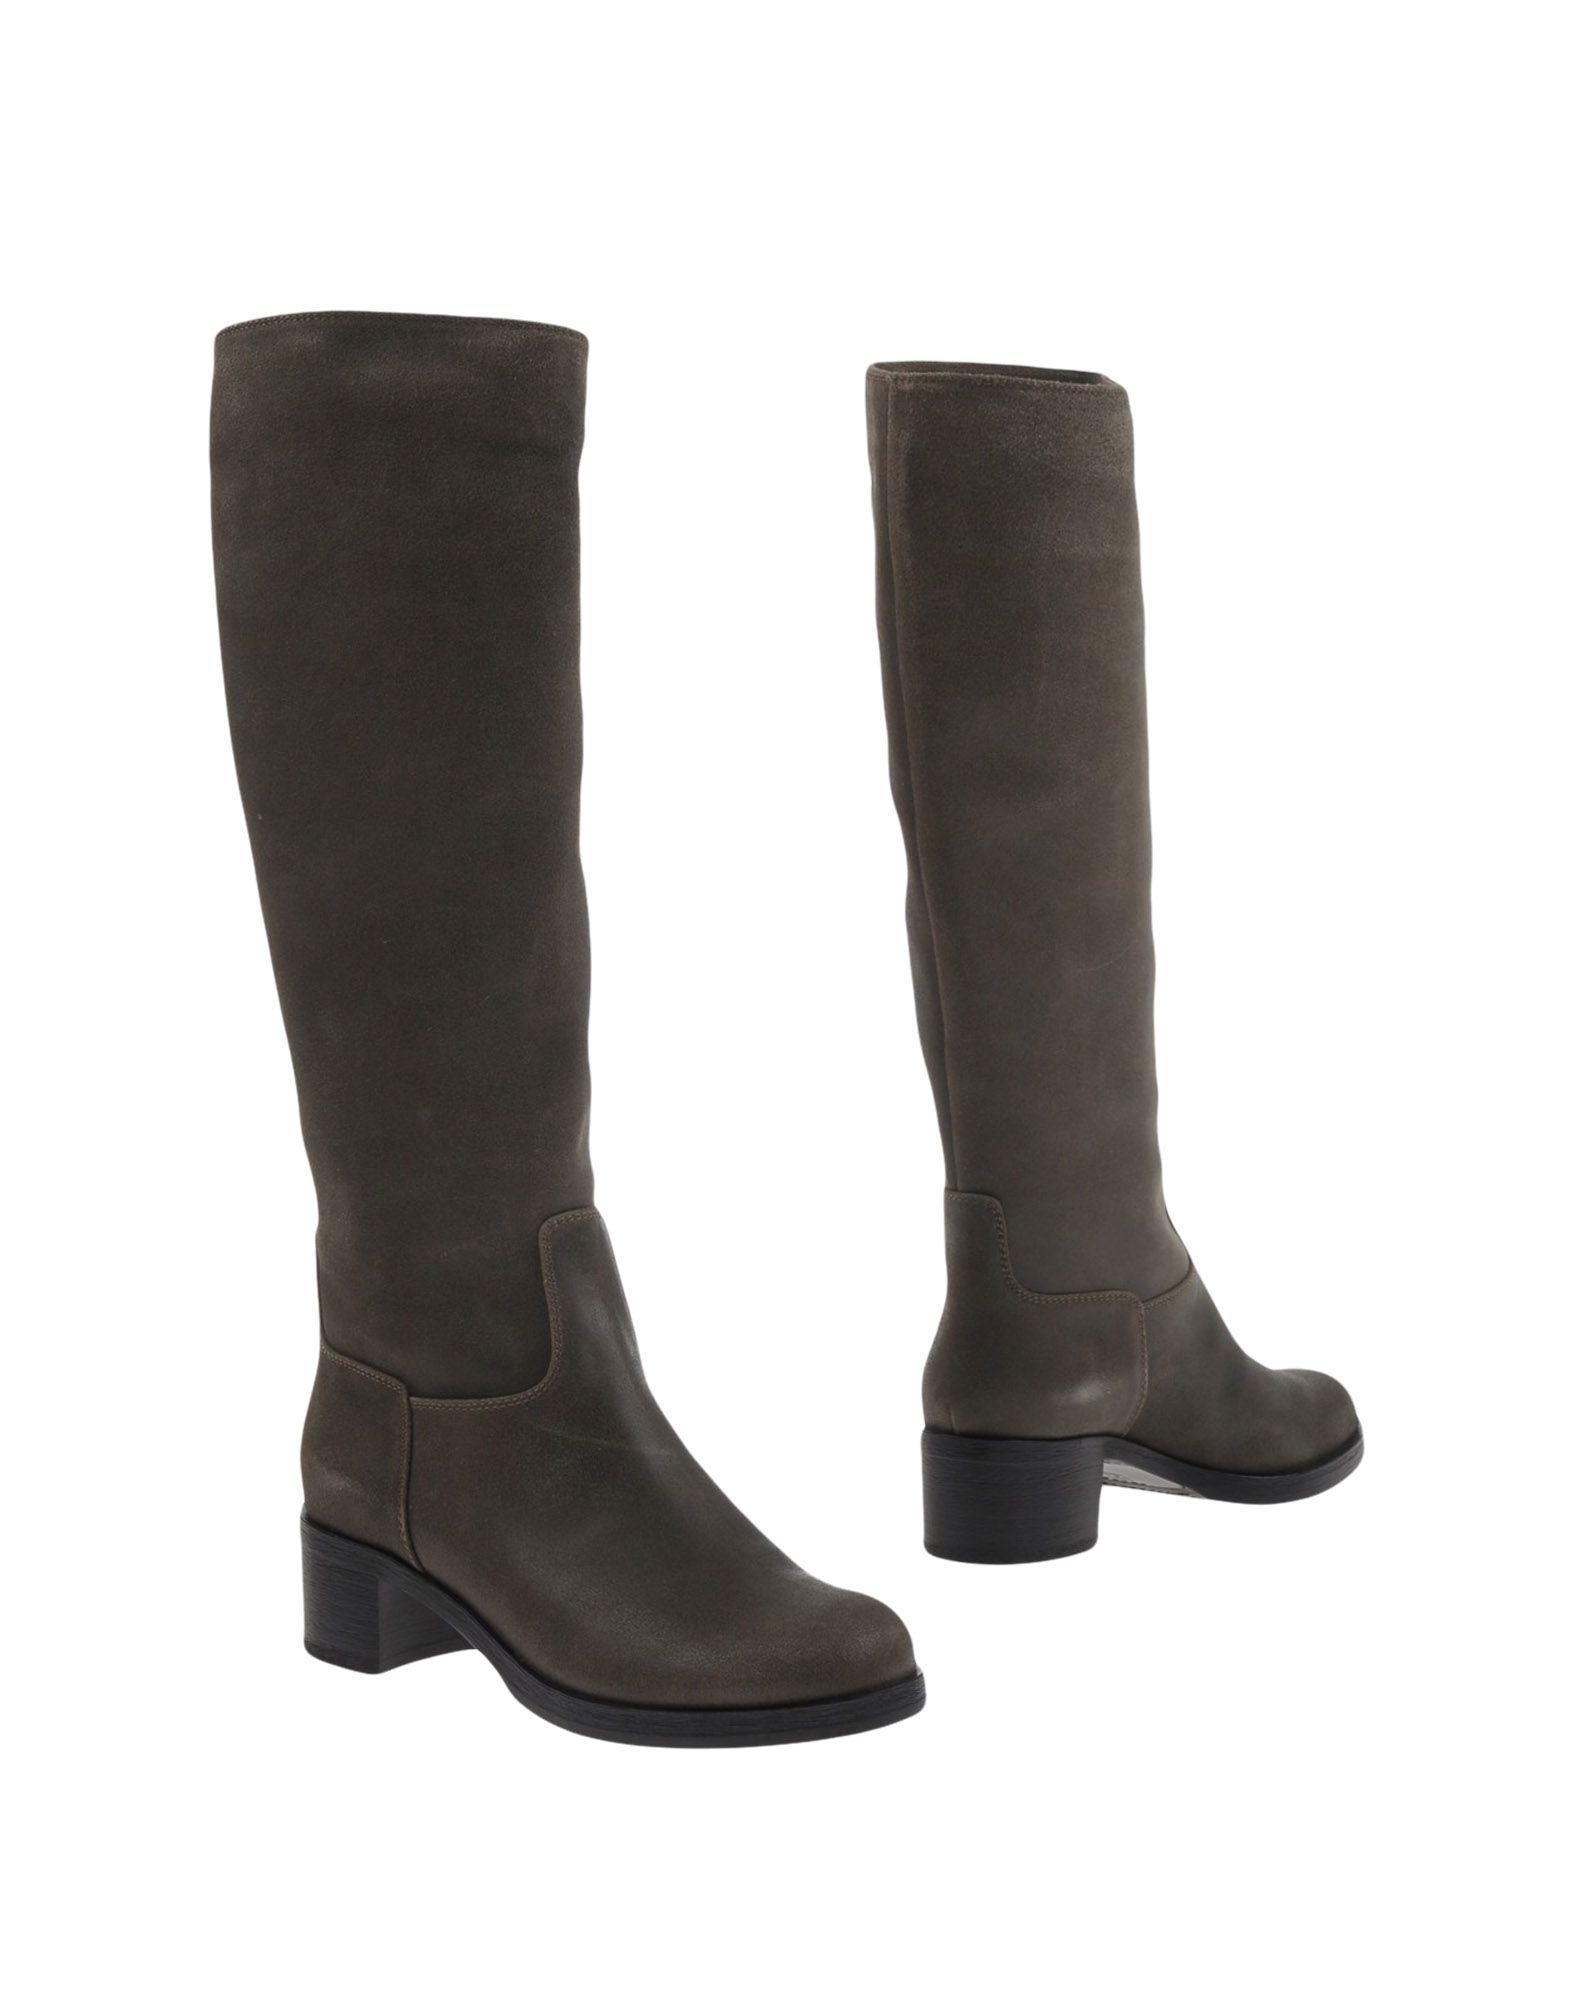 Gianvito Rossi Stiefel Damen  11358817AIGut aussehende strapazierfähige Schuhe